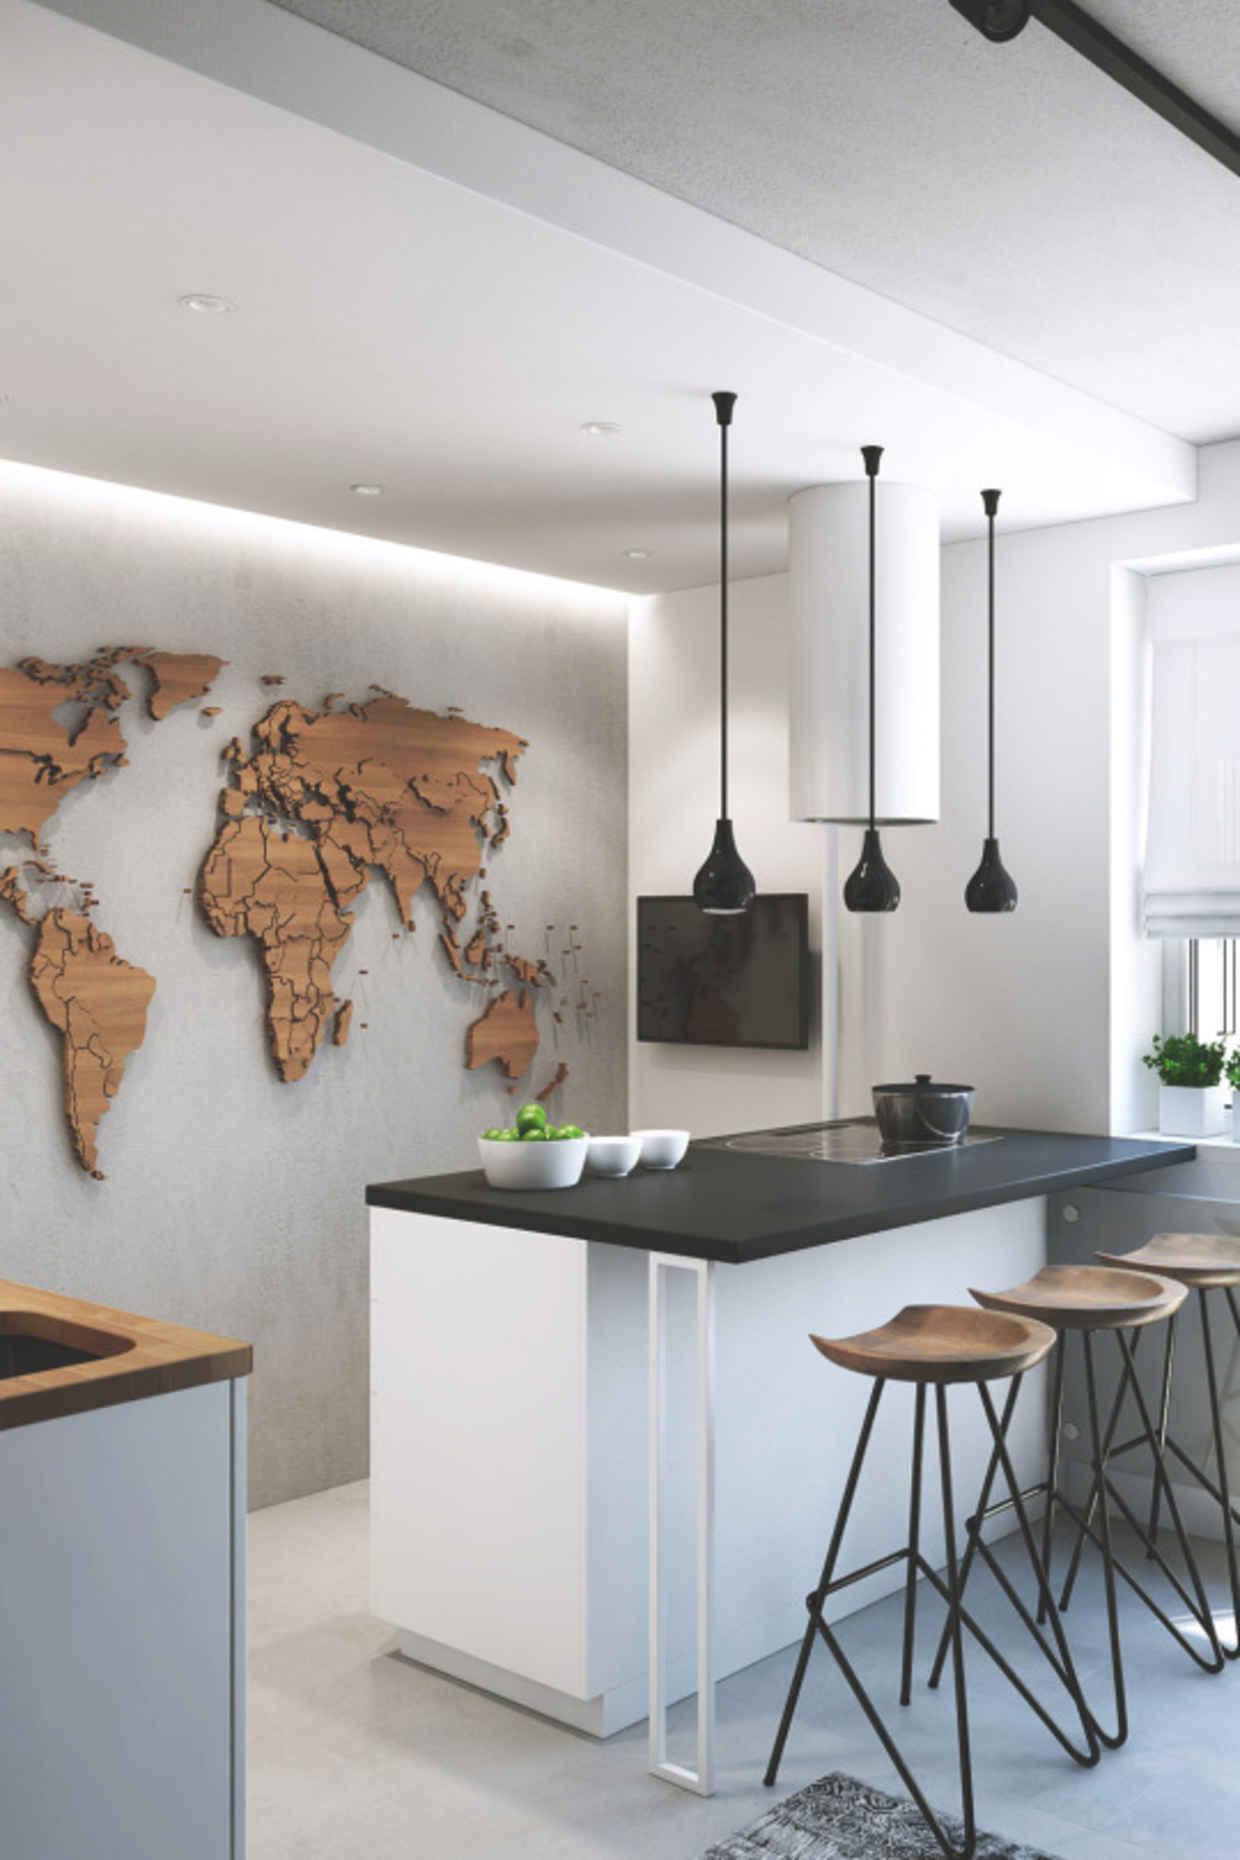 Nieuw Wereldkaart aan de muur! | Huis-inrichten.com VV-91